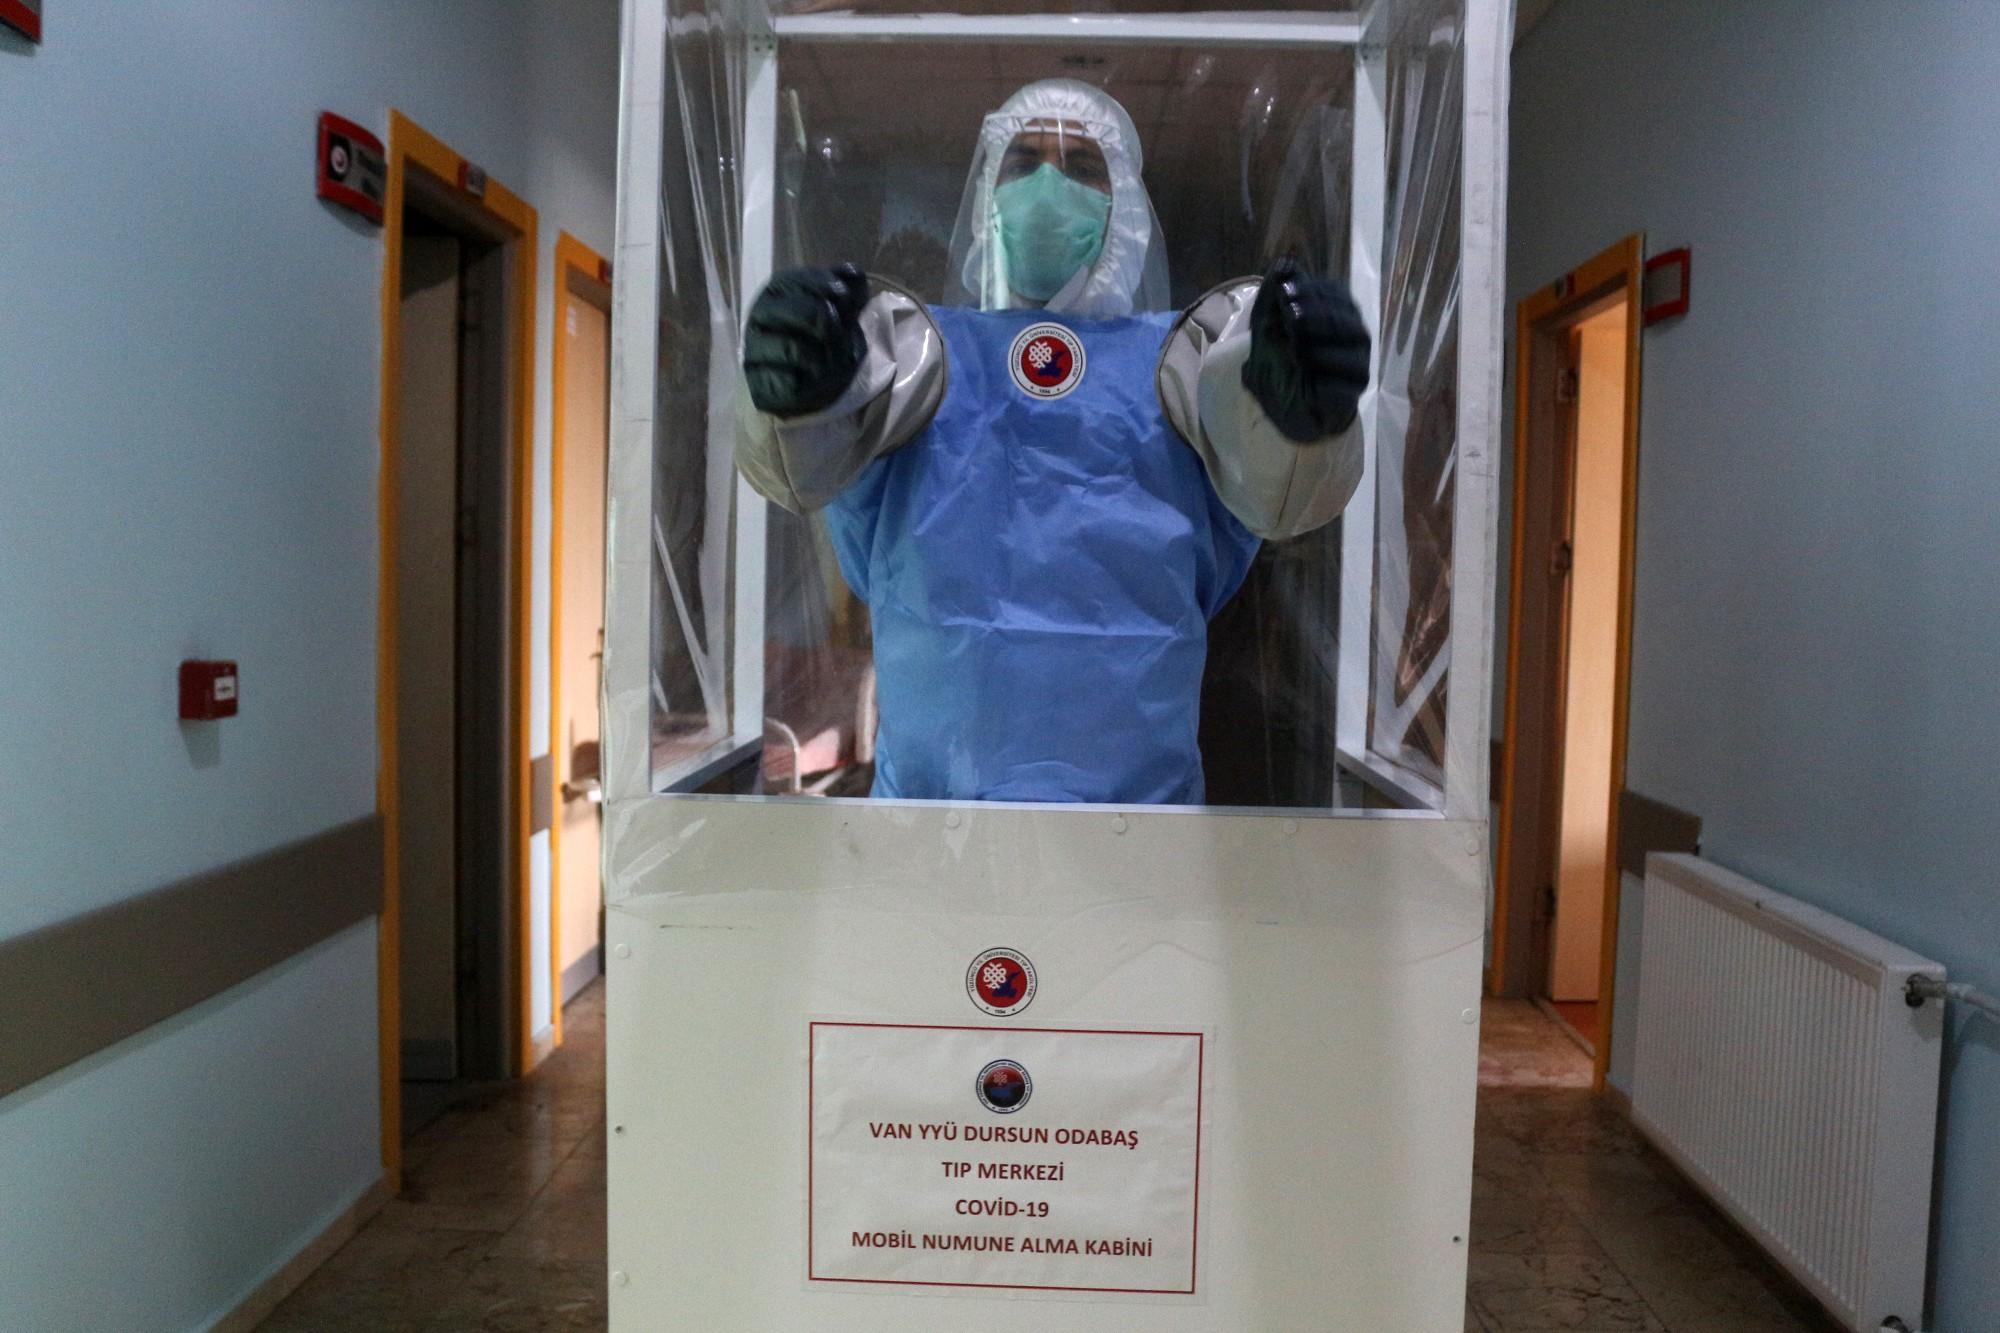 Van'da sağlıkçılar mobil numune alma kabinleriyle korona virüsten korunuyor